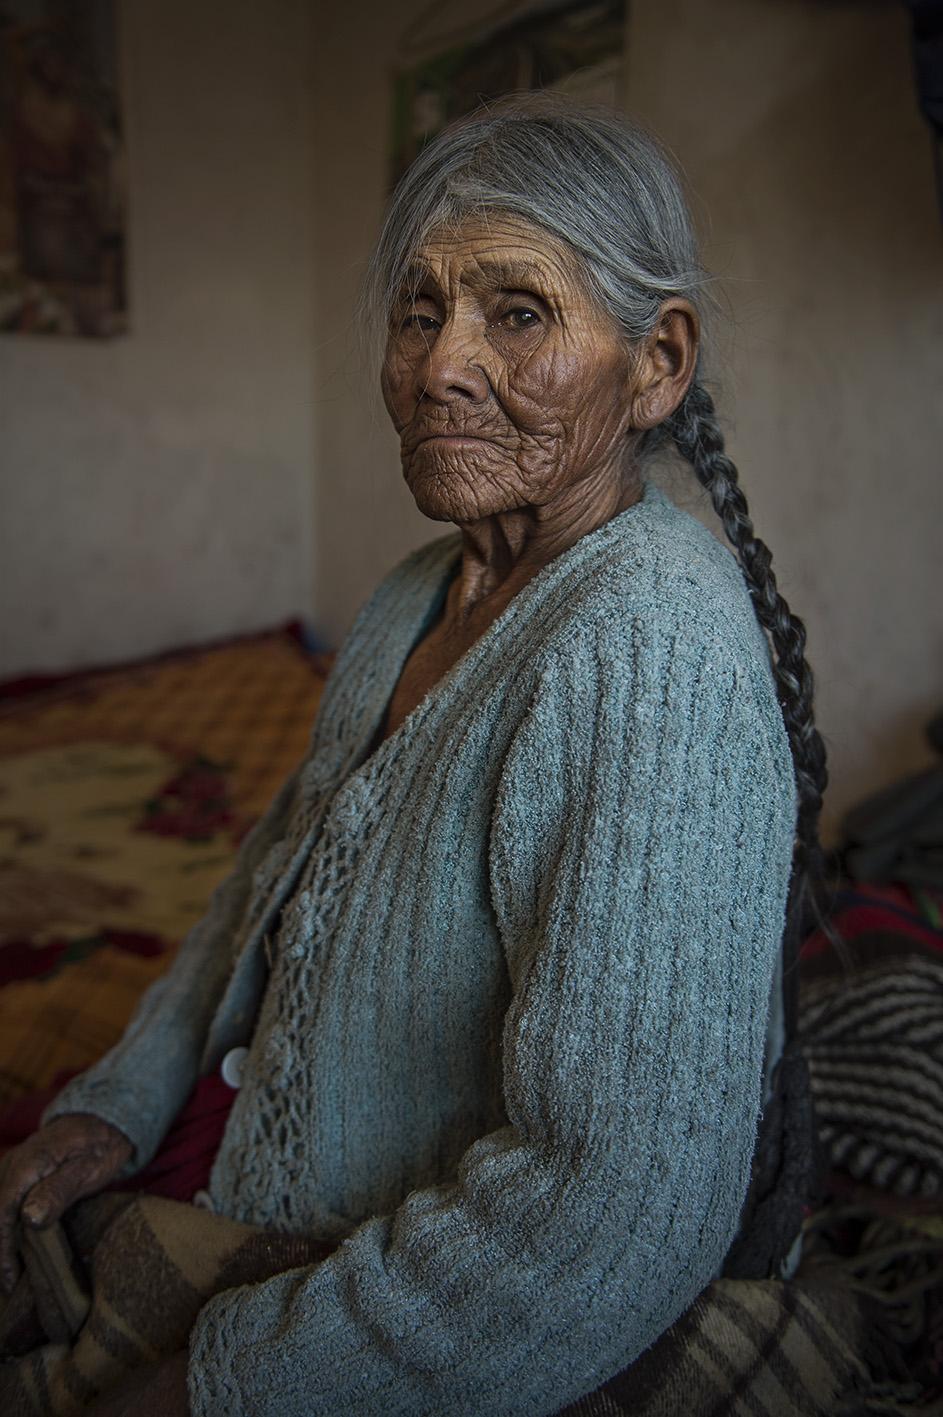 La abuela del hogar, 83 años, que se expresa en lengua Aimara. Reportaje gráfico: Miguel Lizana, AECID.